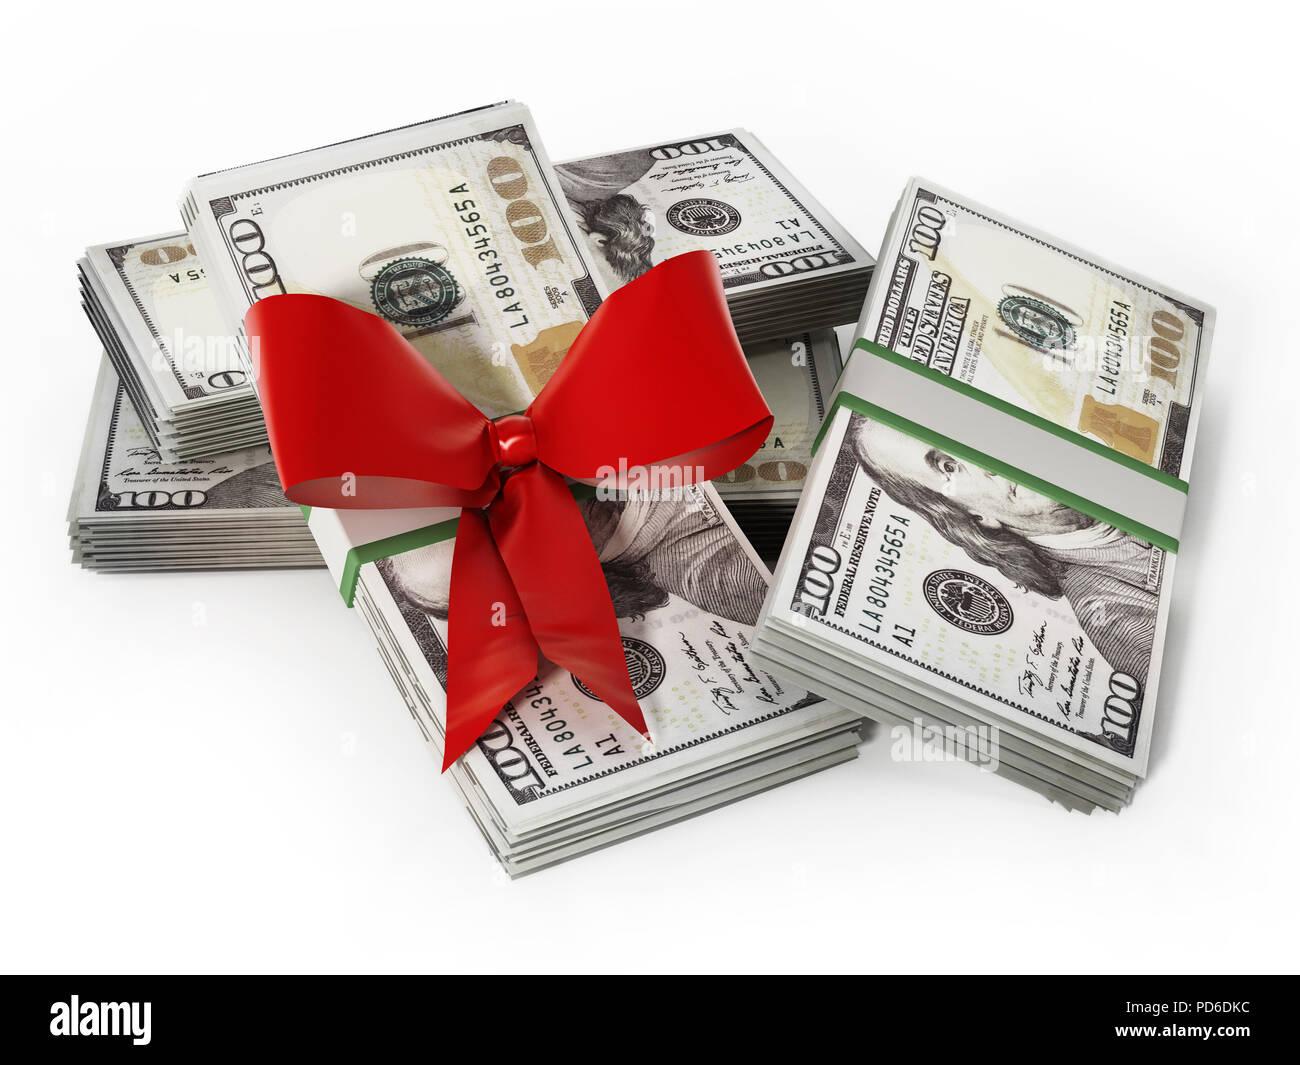 100 dollar Geldscheine mit roter Schleife. Business und Erfolg Konzept. 3D-Darstellung. Stockbild